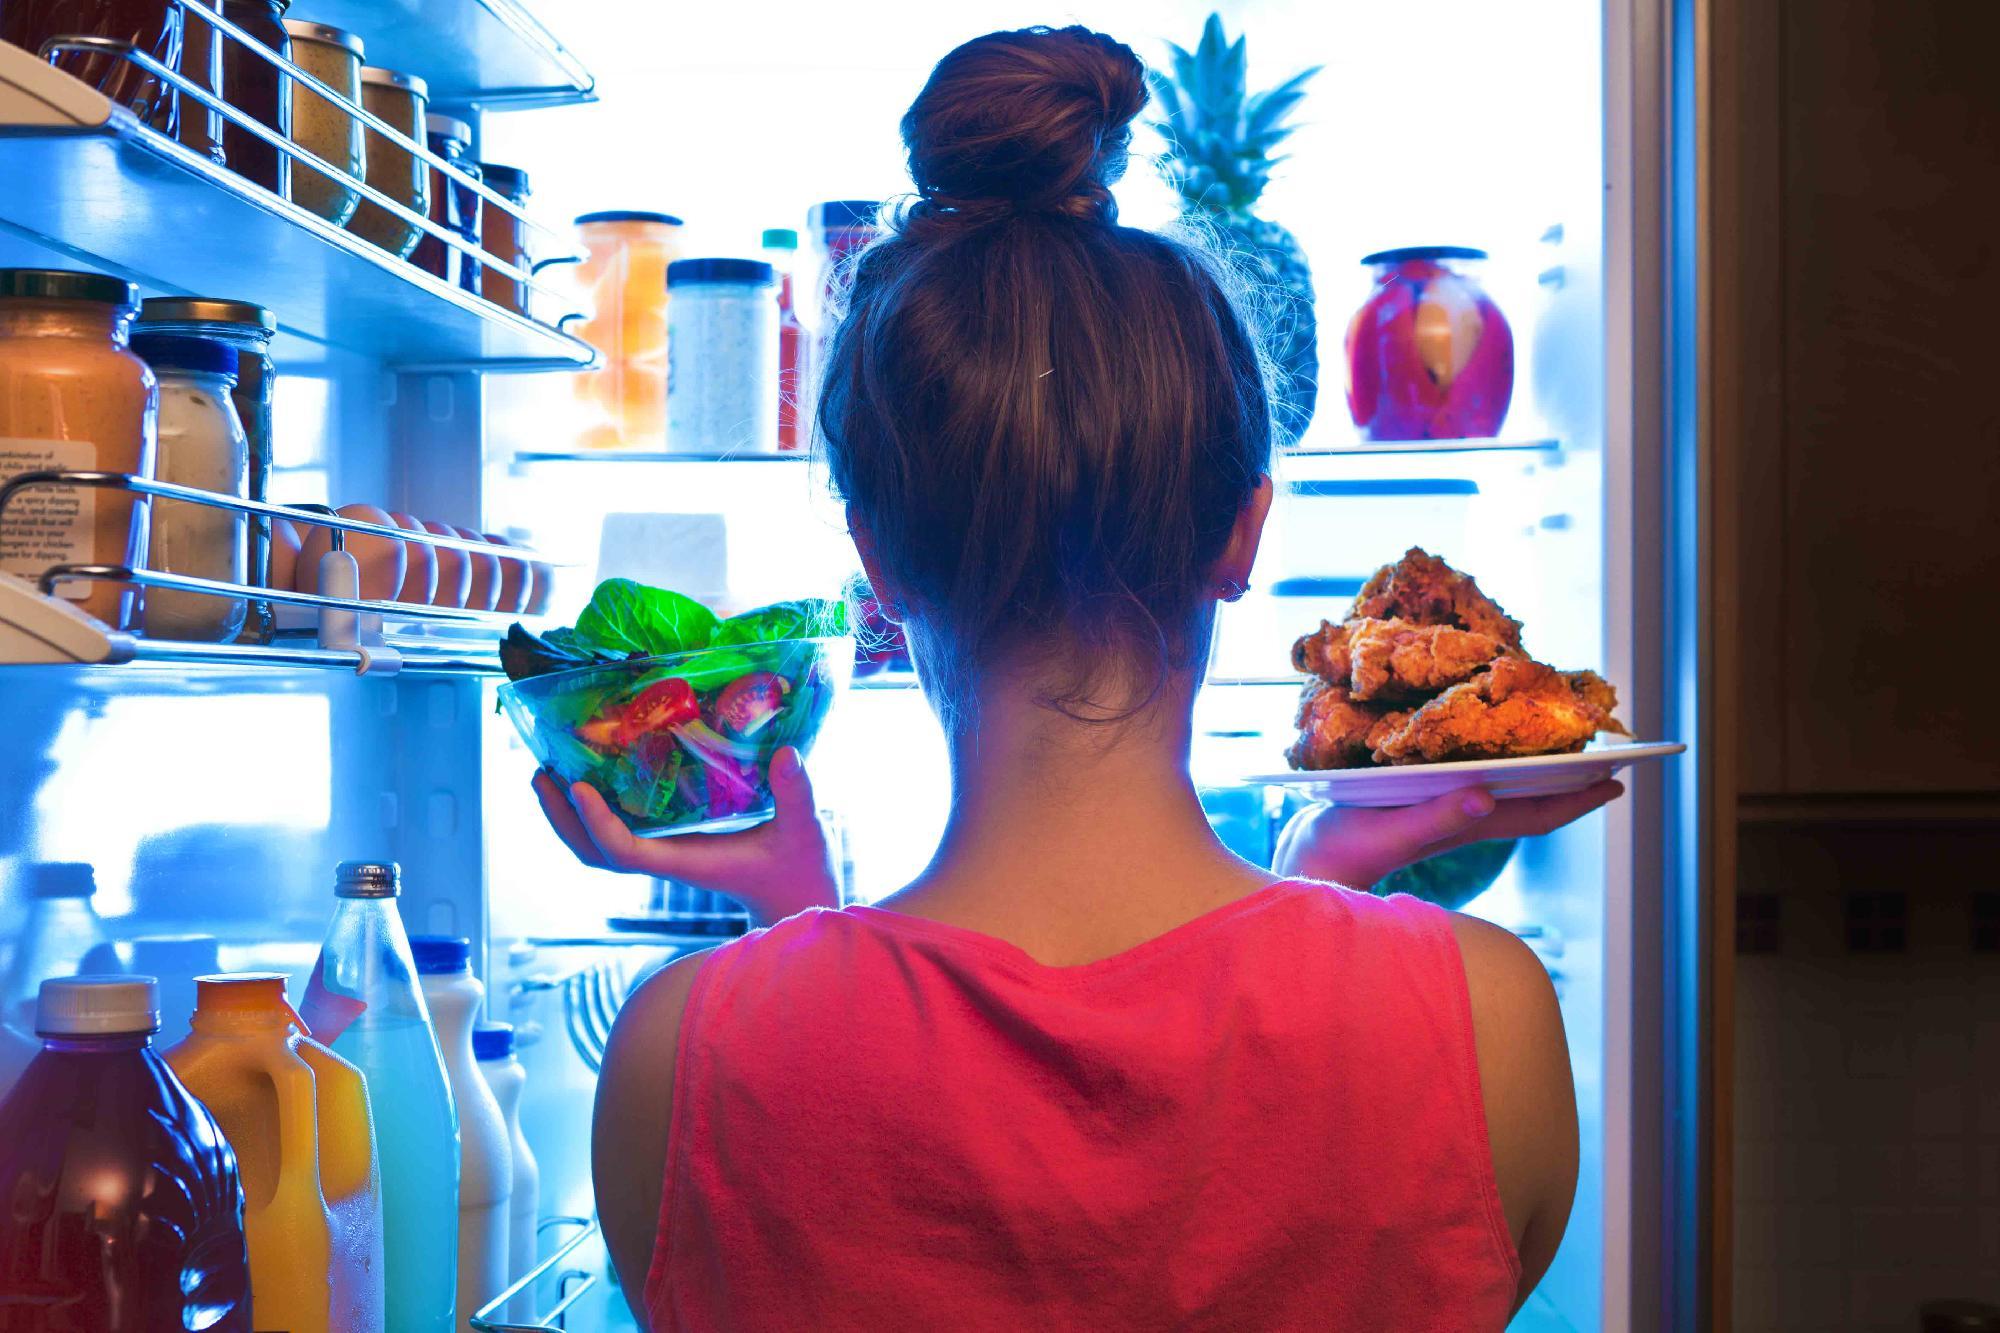 súlycsökkenés túlsúlyos kezdőknek